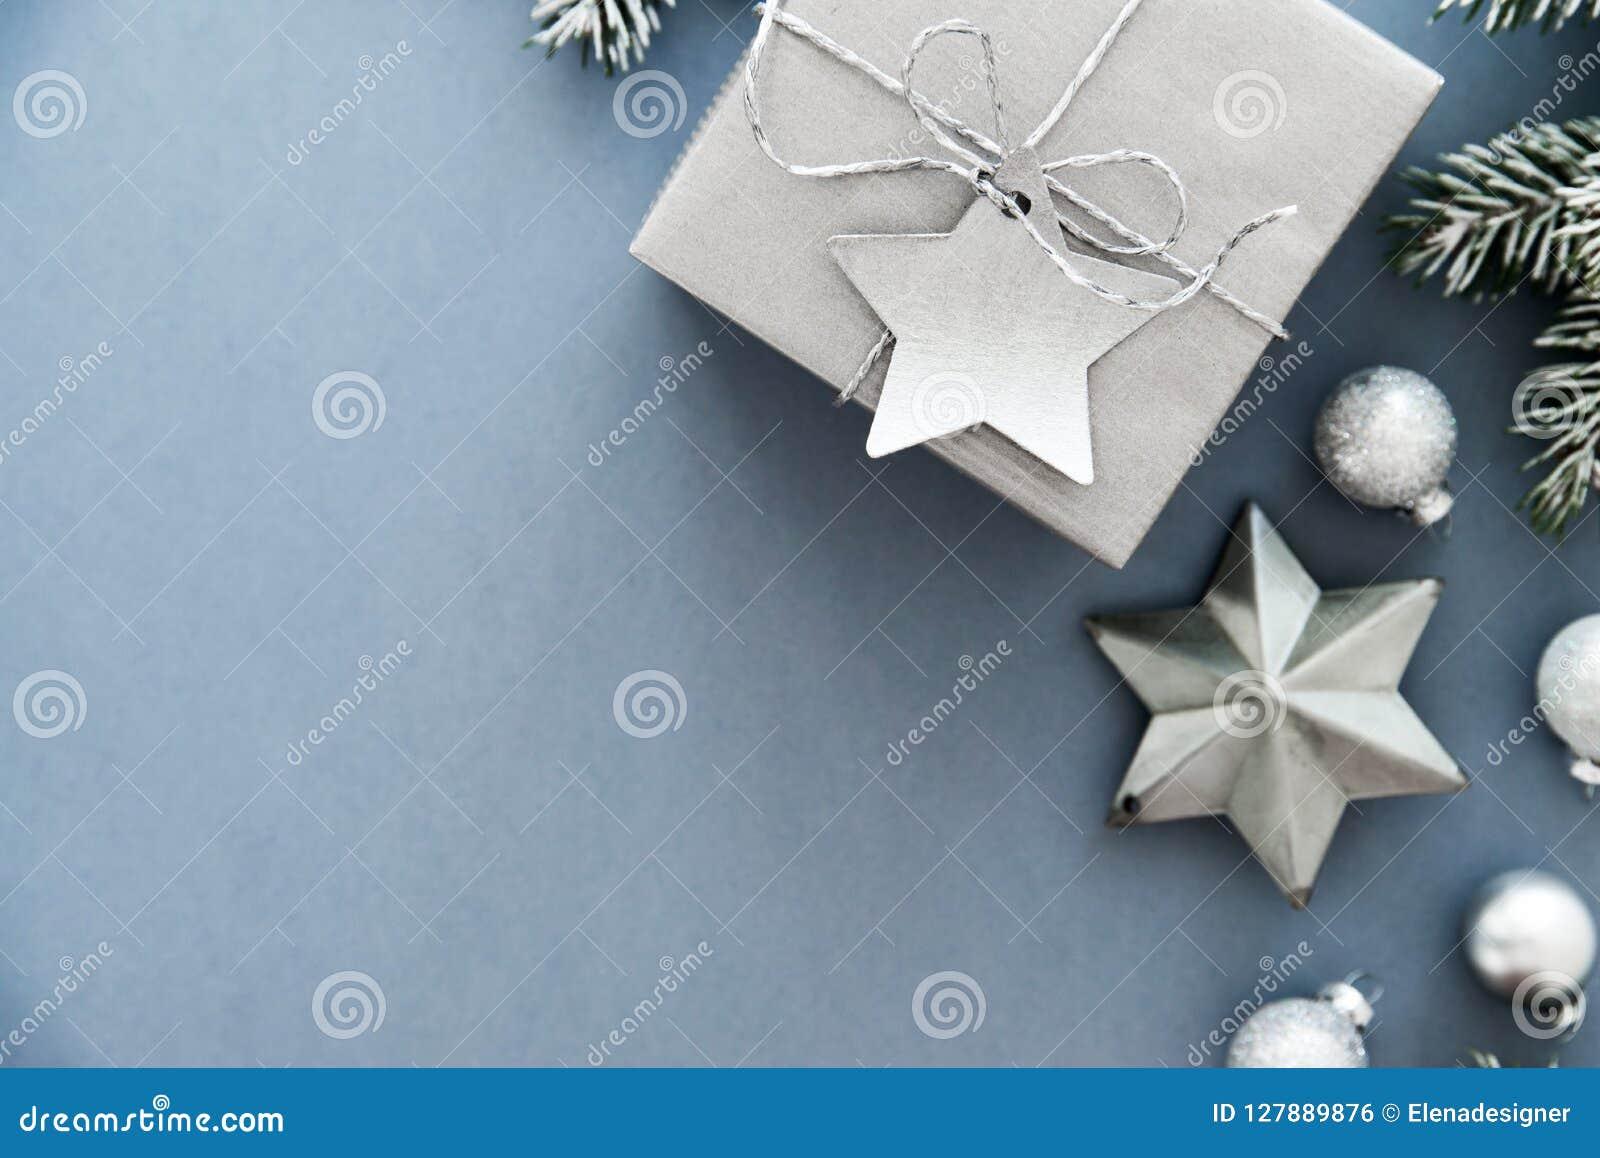 Boîte-cadeau faits main argentés de Noël sur la vue supérieure de fond bleu Carte de voeux de Joyeux Noël, cadre Thème de vacance